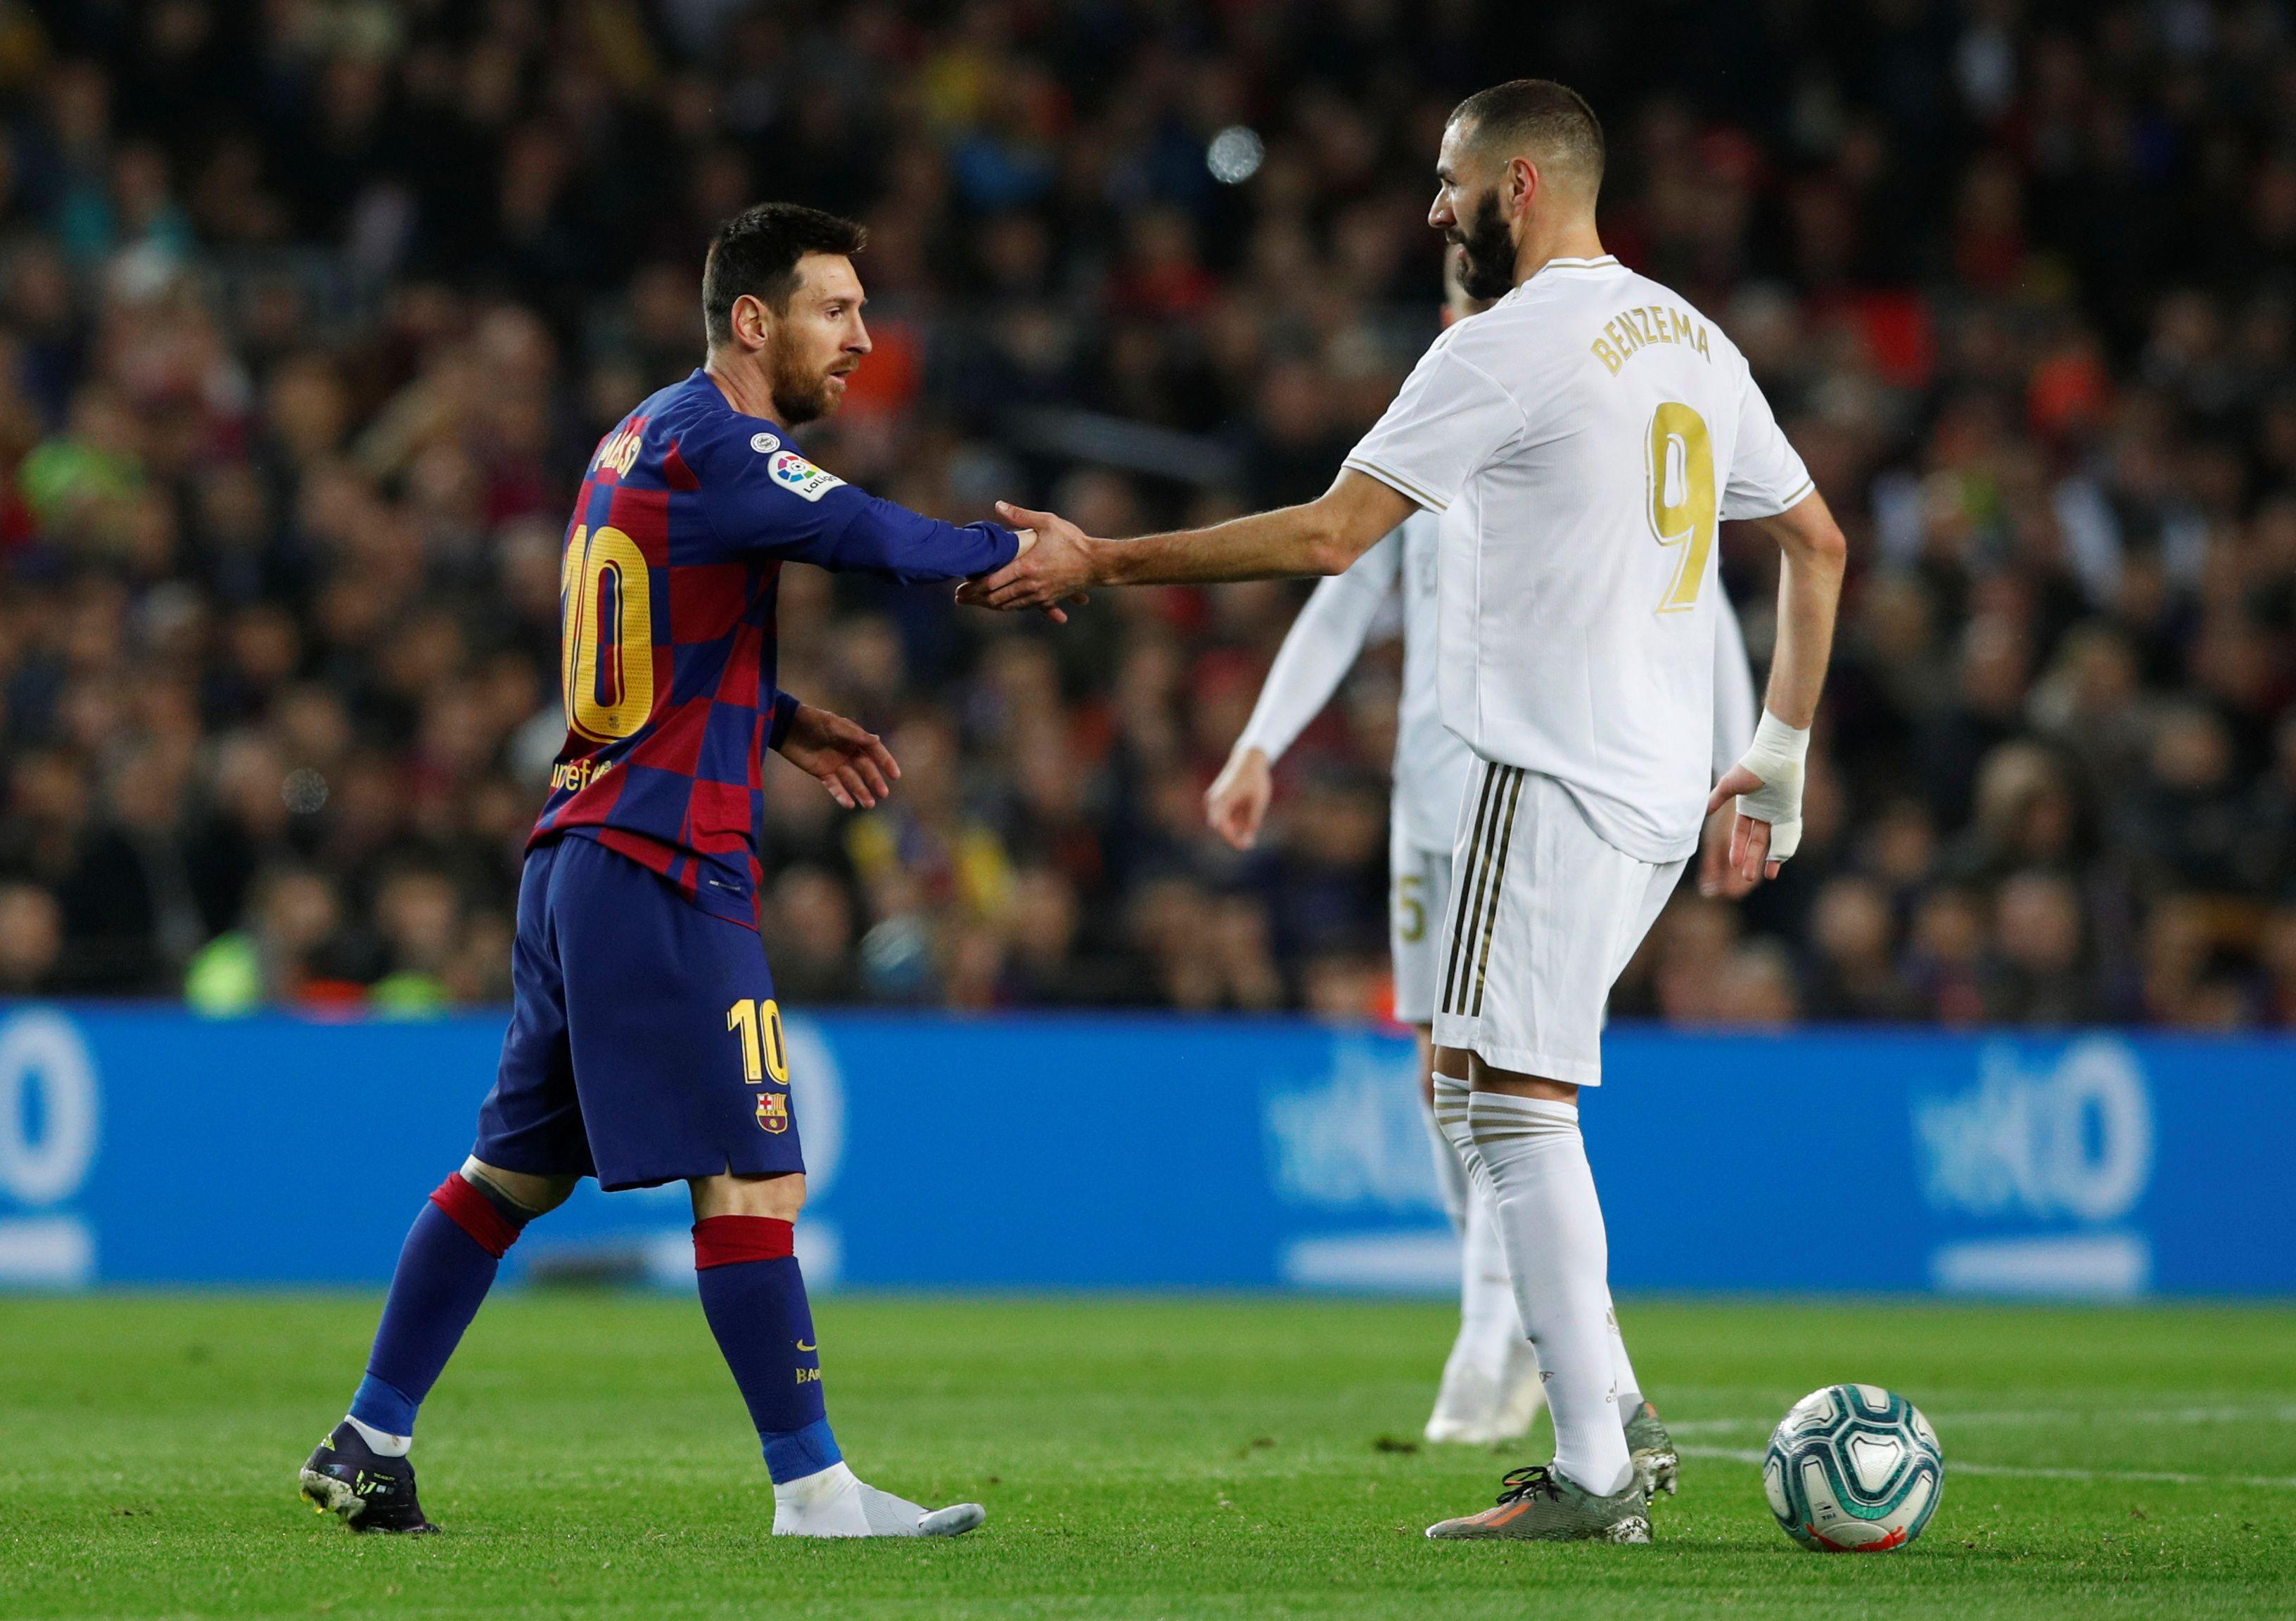 Pese a la infinidad de ocasiones en la que lo enfrentó, Benzema no cree que Messi sea uno de los mejores regateadores del mundo (Reuters)